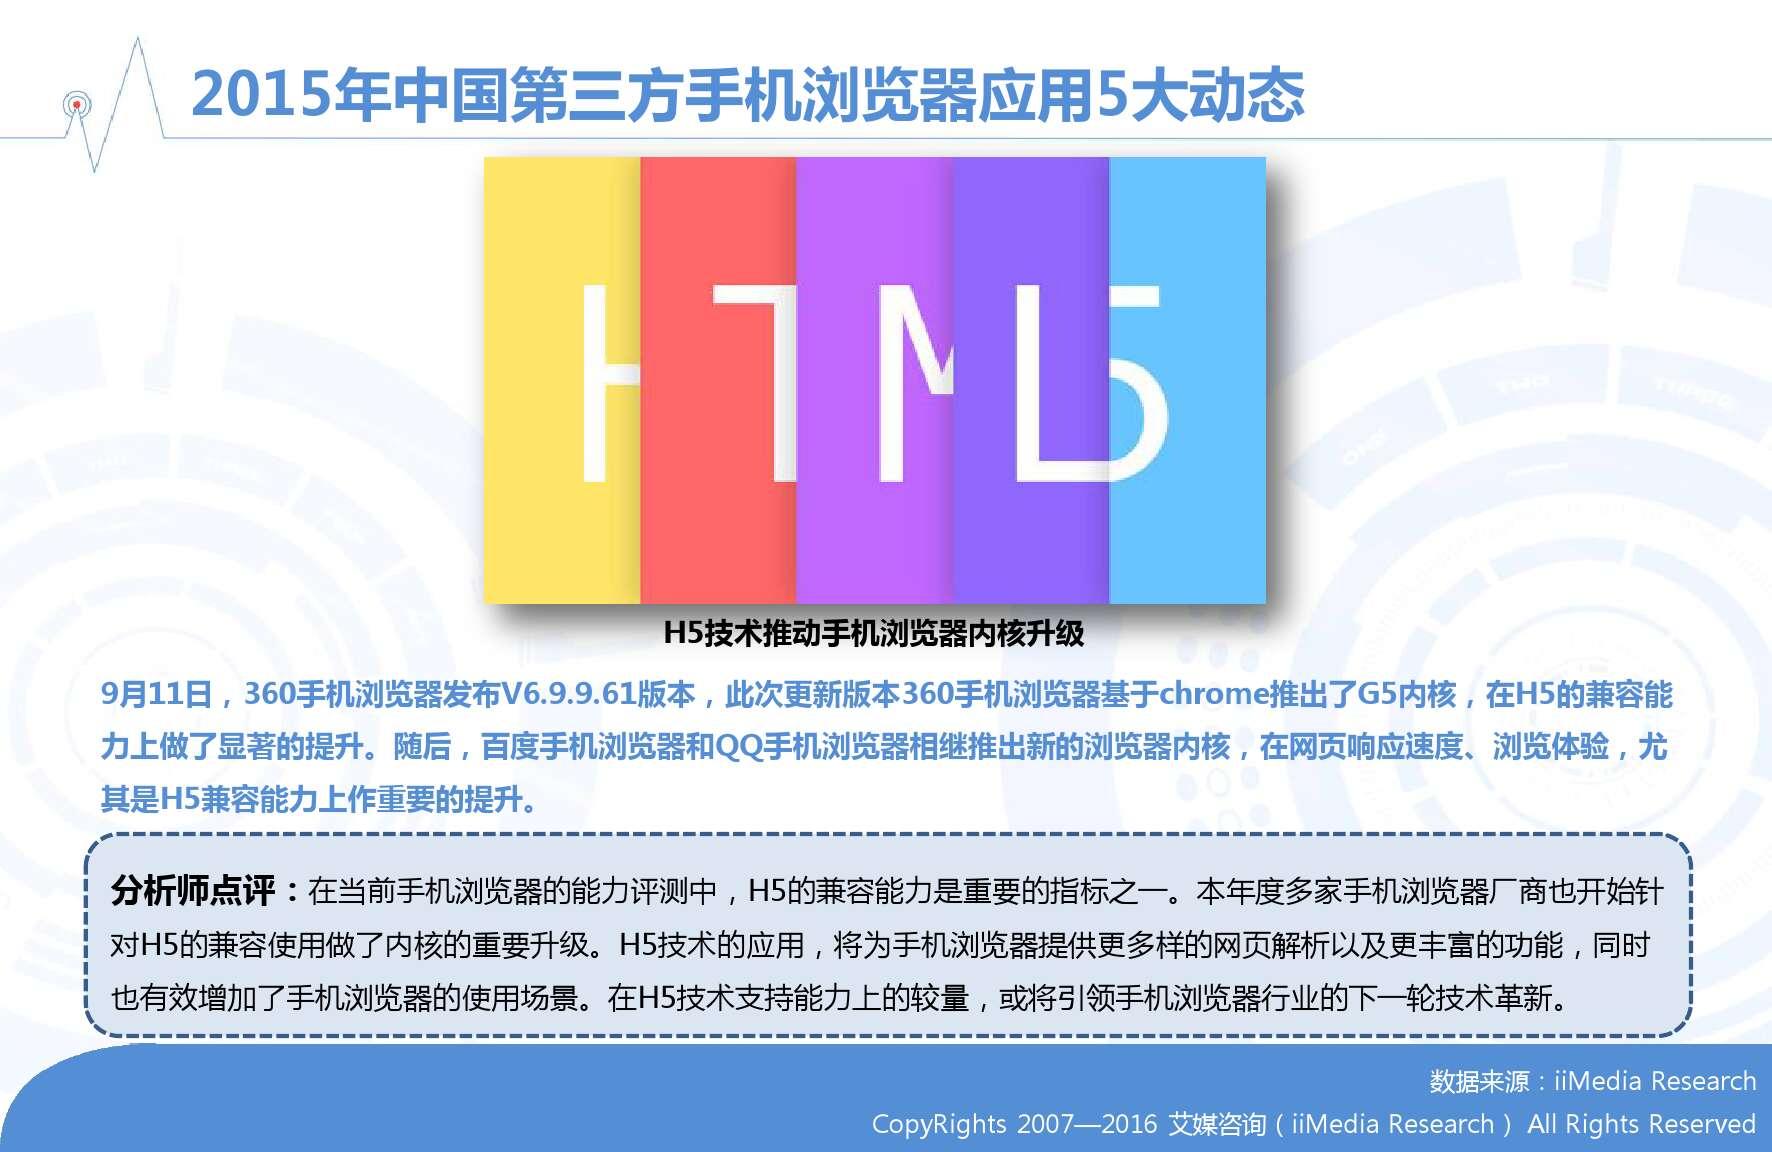 艾媒咨询:2015-2016年中国手机浏览器市场研究报告_000010